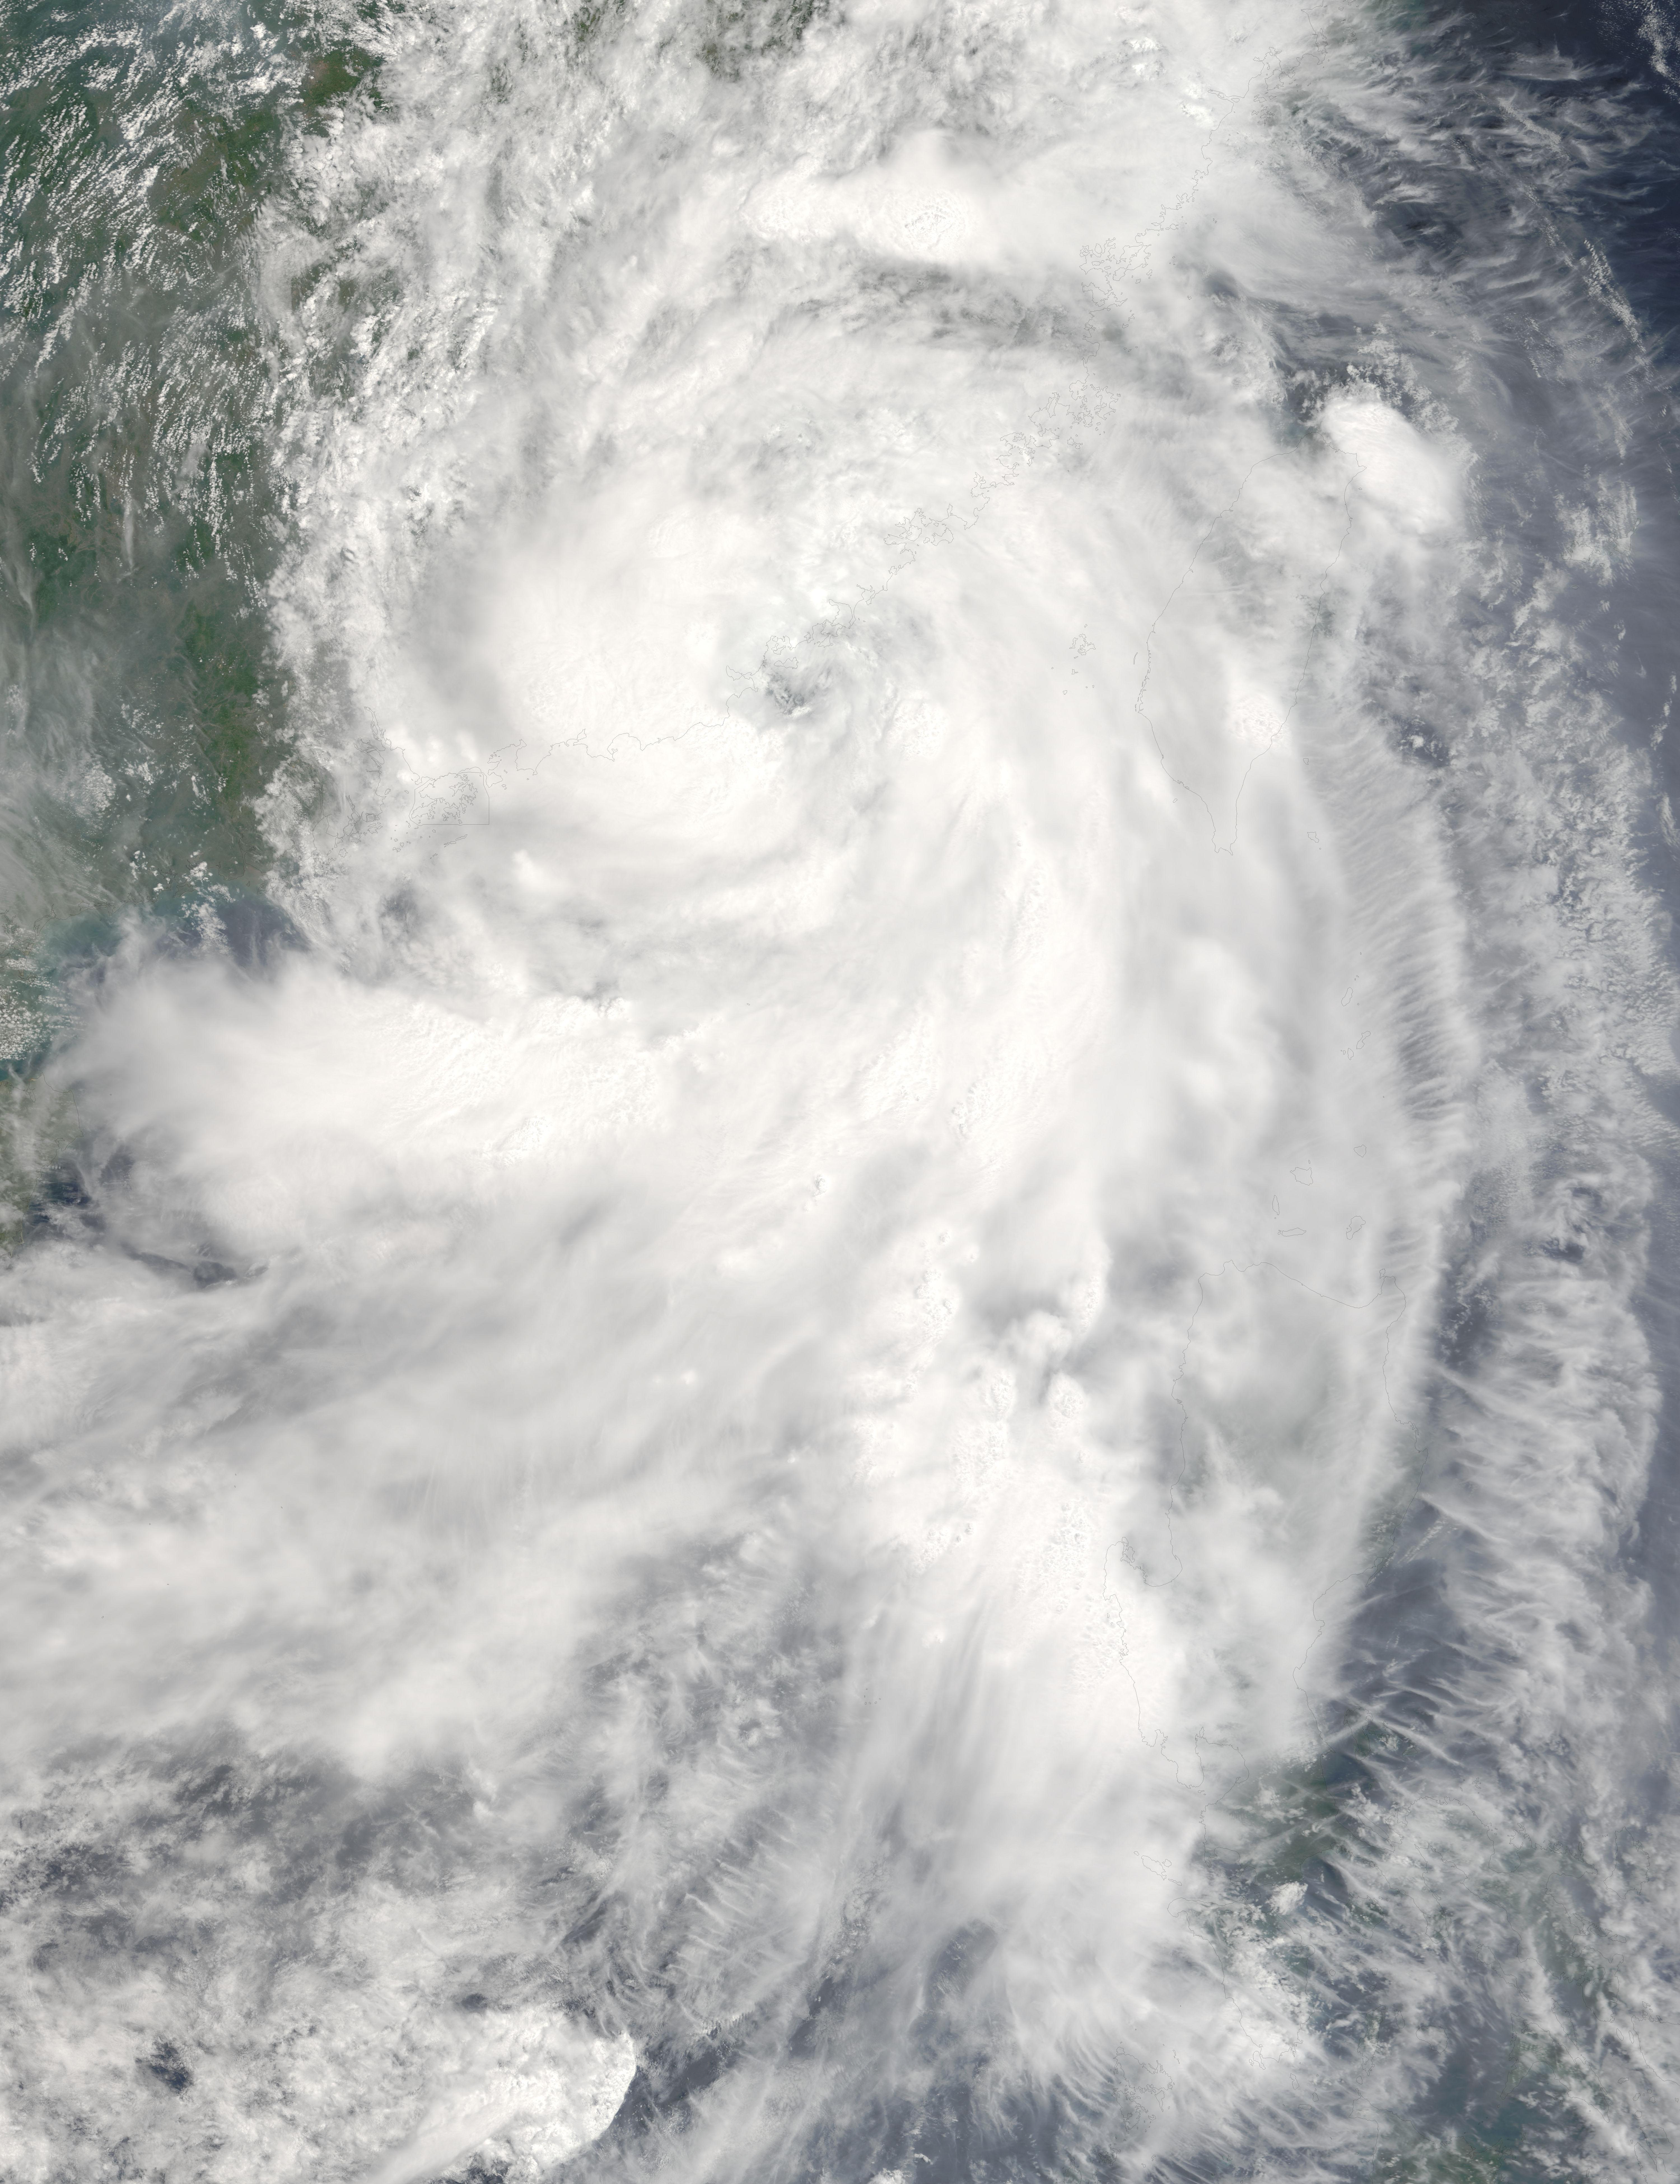 NASA Visible Earth: Tropical Storm Sanvu over China